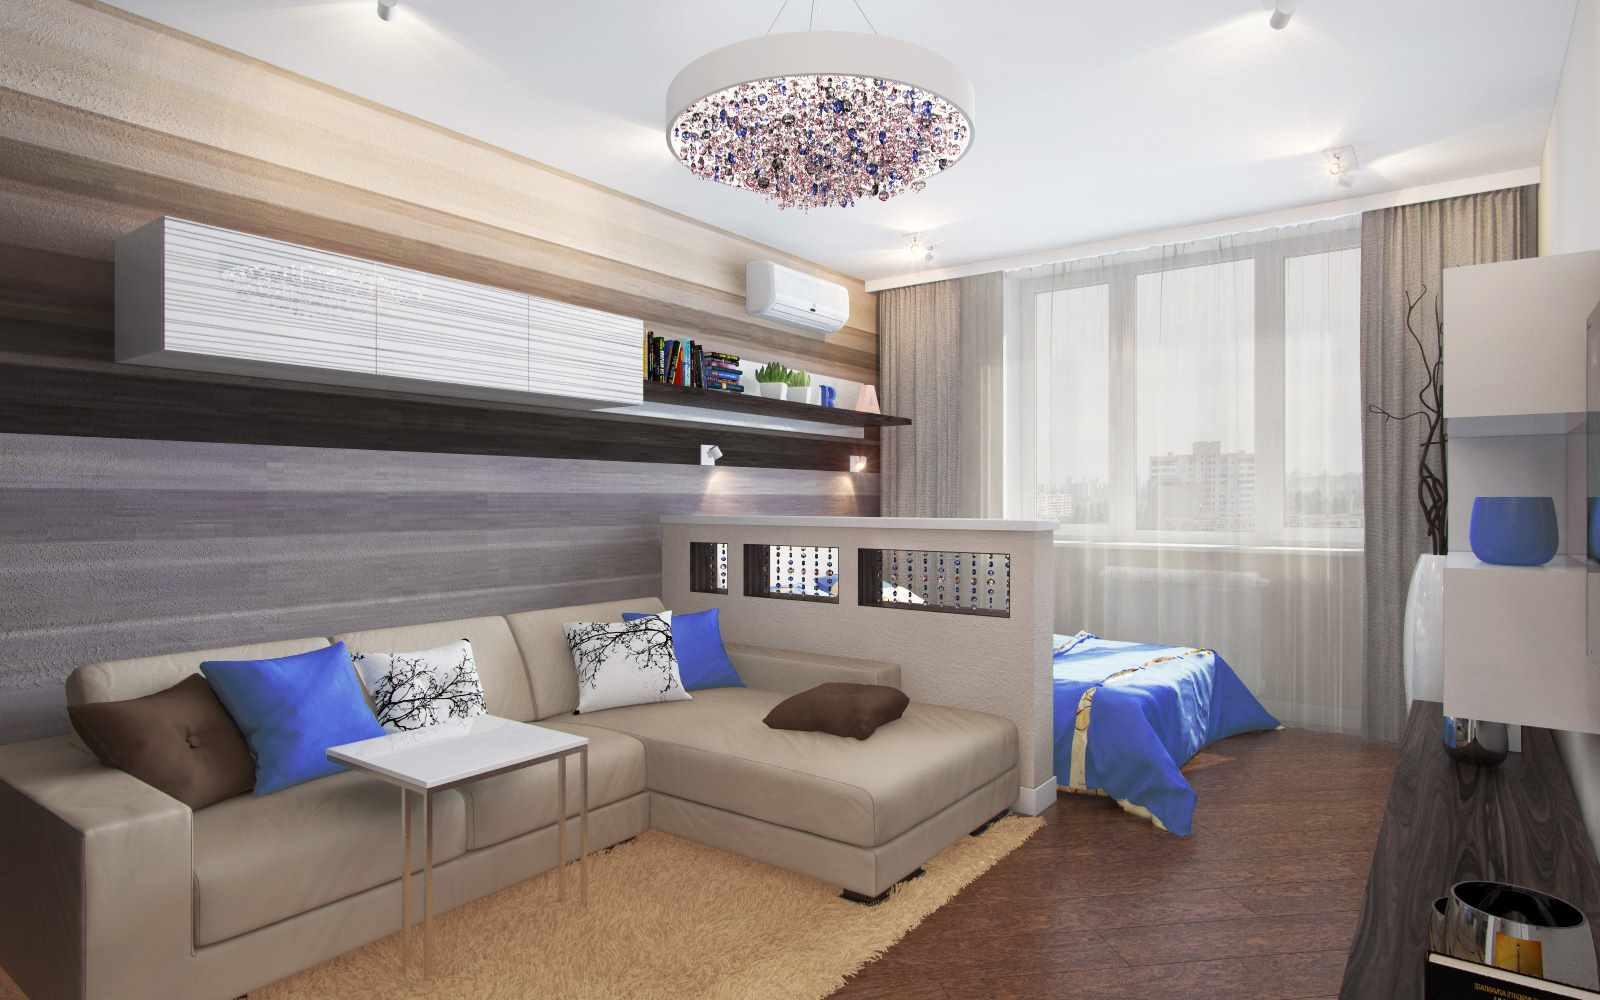 Un exemple de décoration lumineuse d'une chambre de 15 m²